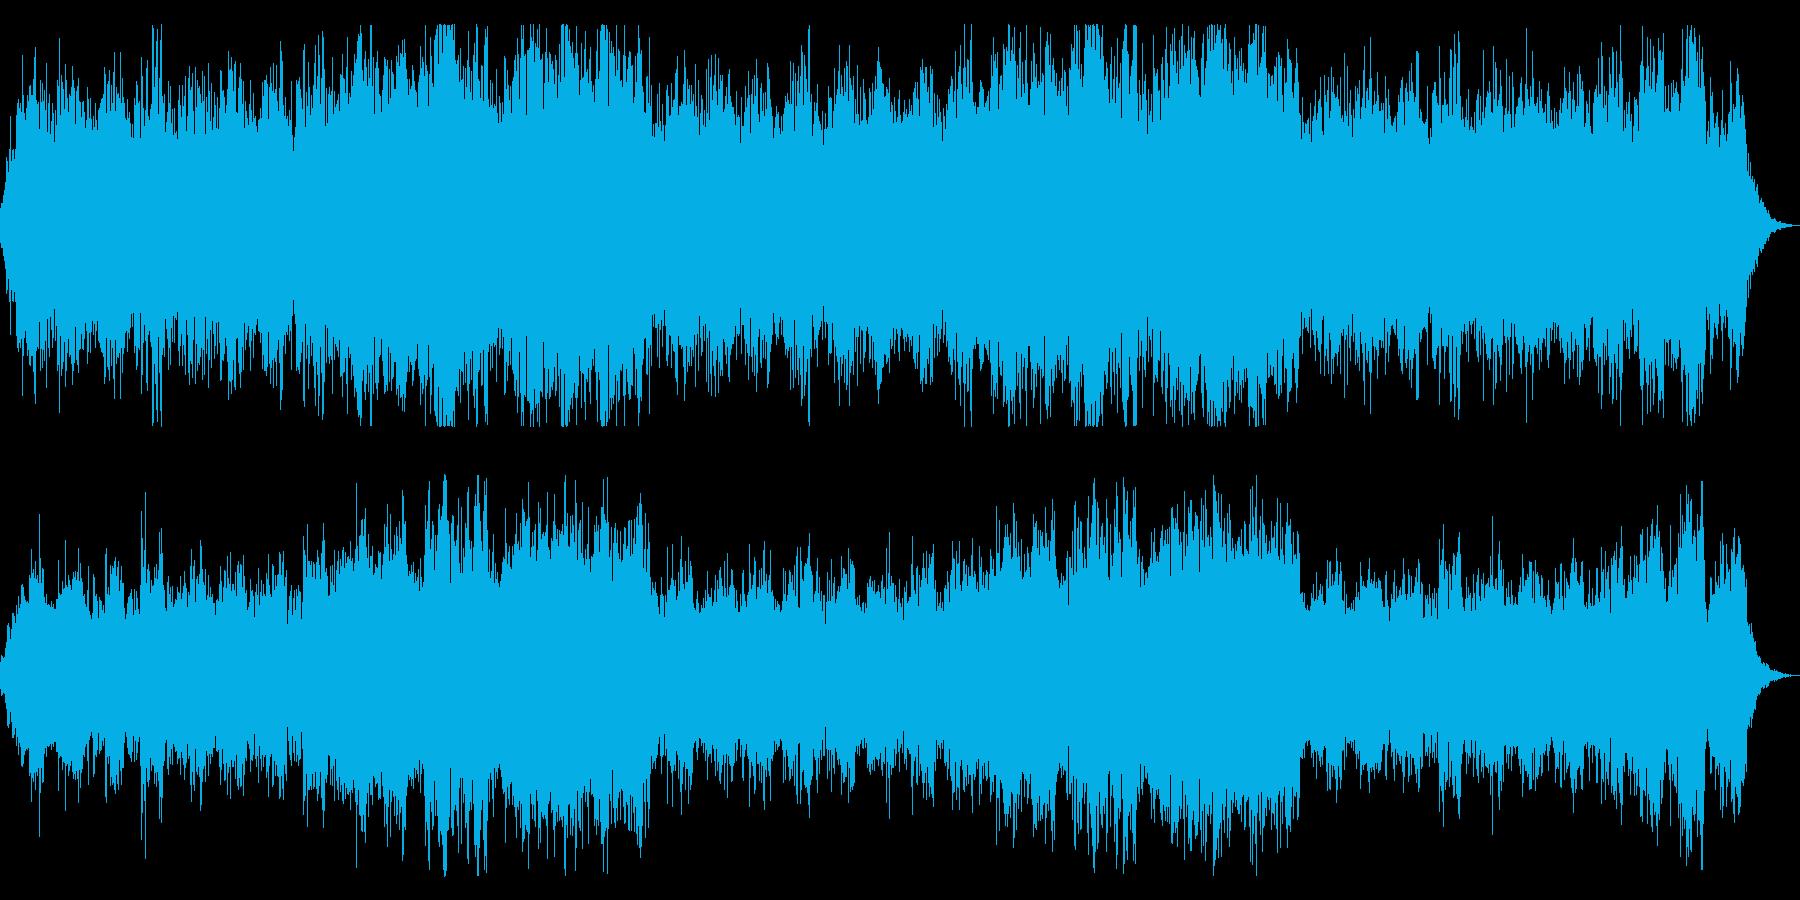 恐怖を演出 ホラー向けシネマチックBGMの再生済みの波形